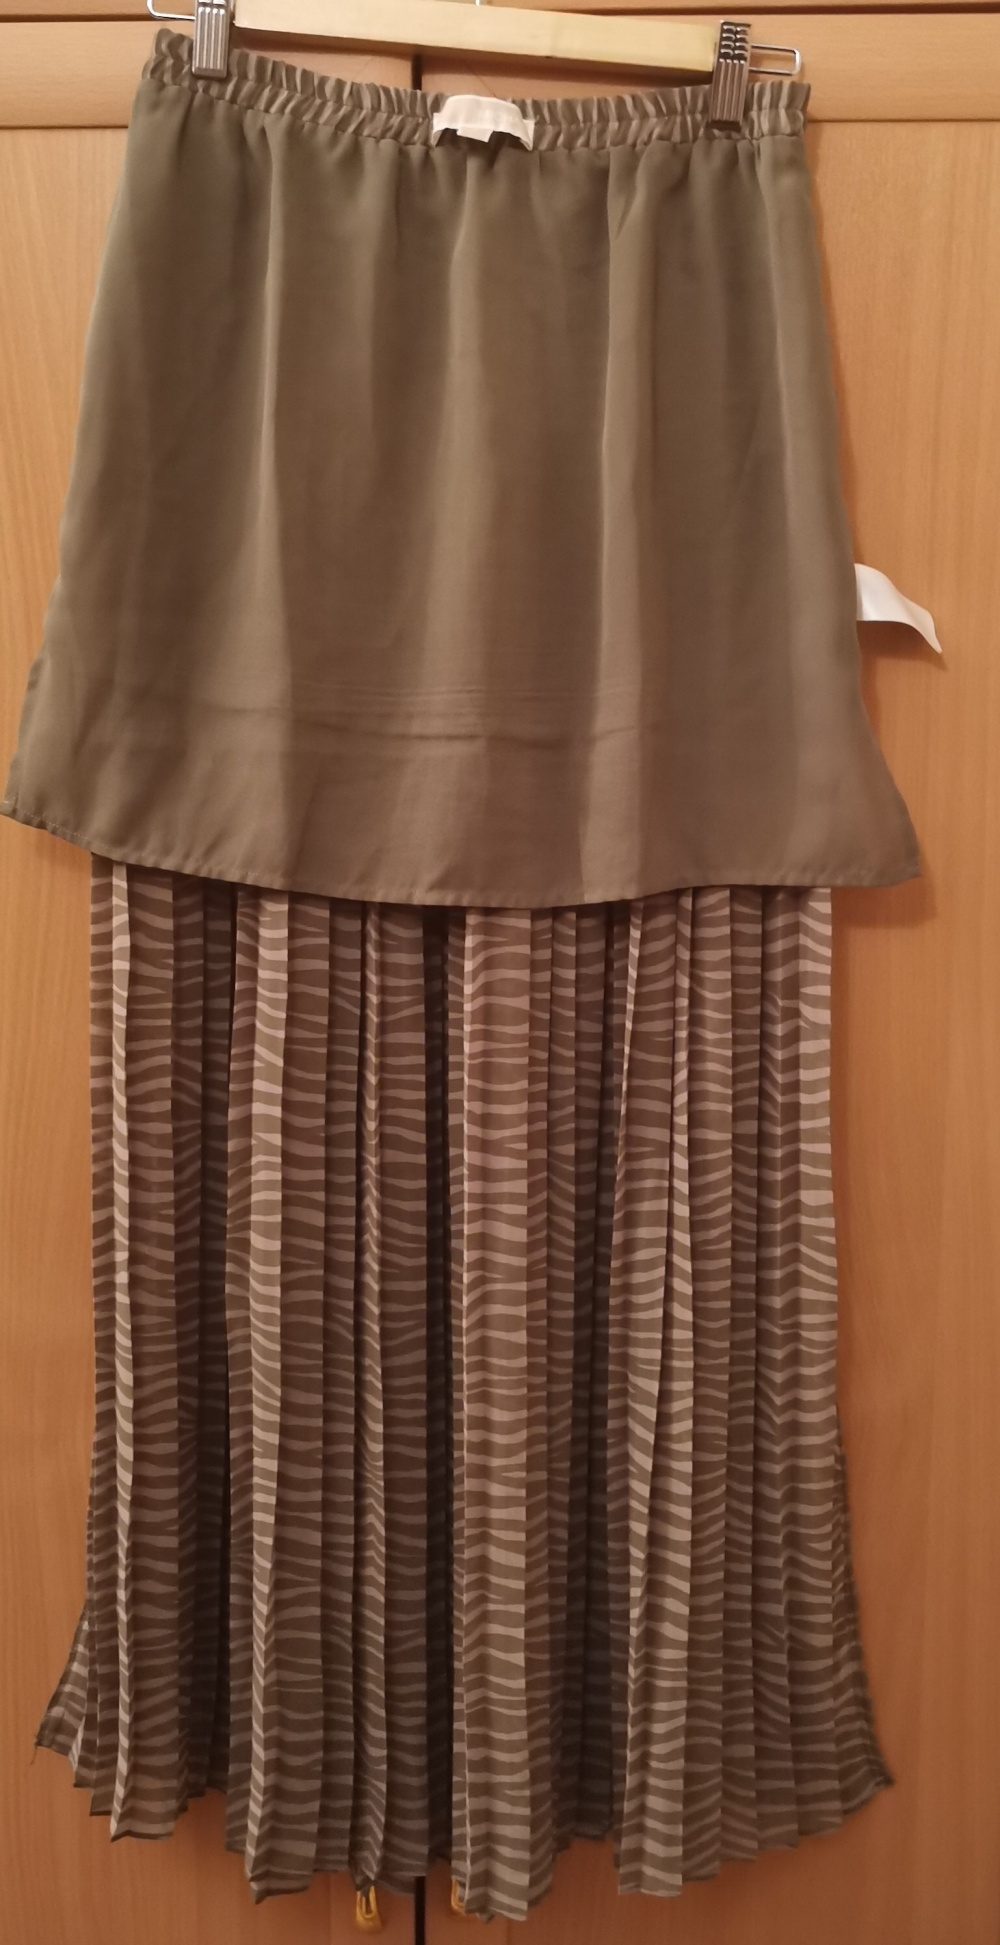 Юбка Michael Kors, размеры: 44, 46,48 росс.